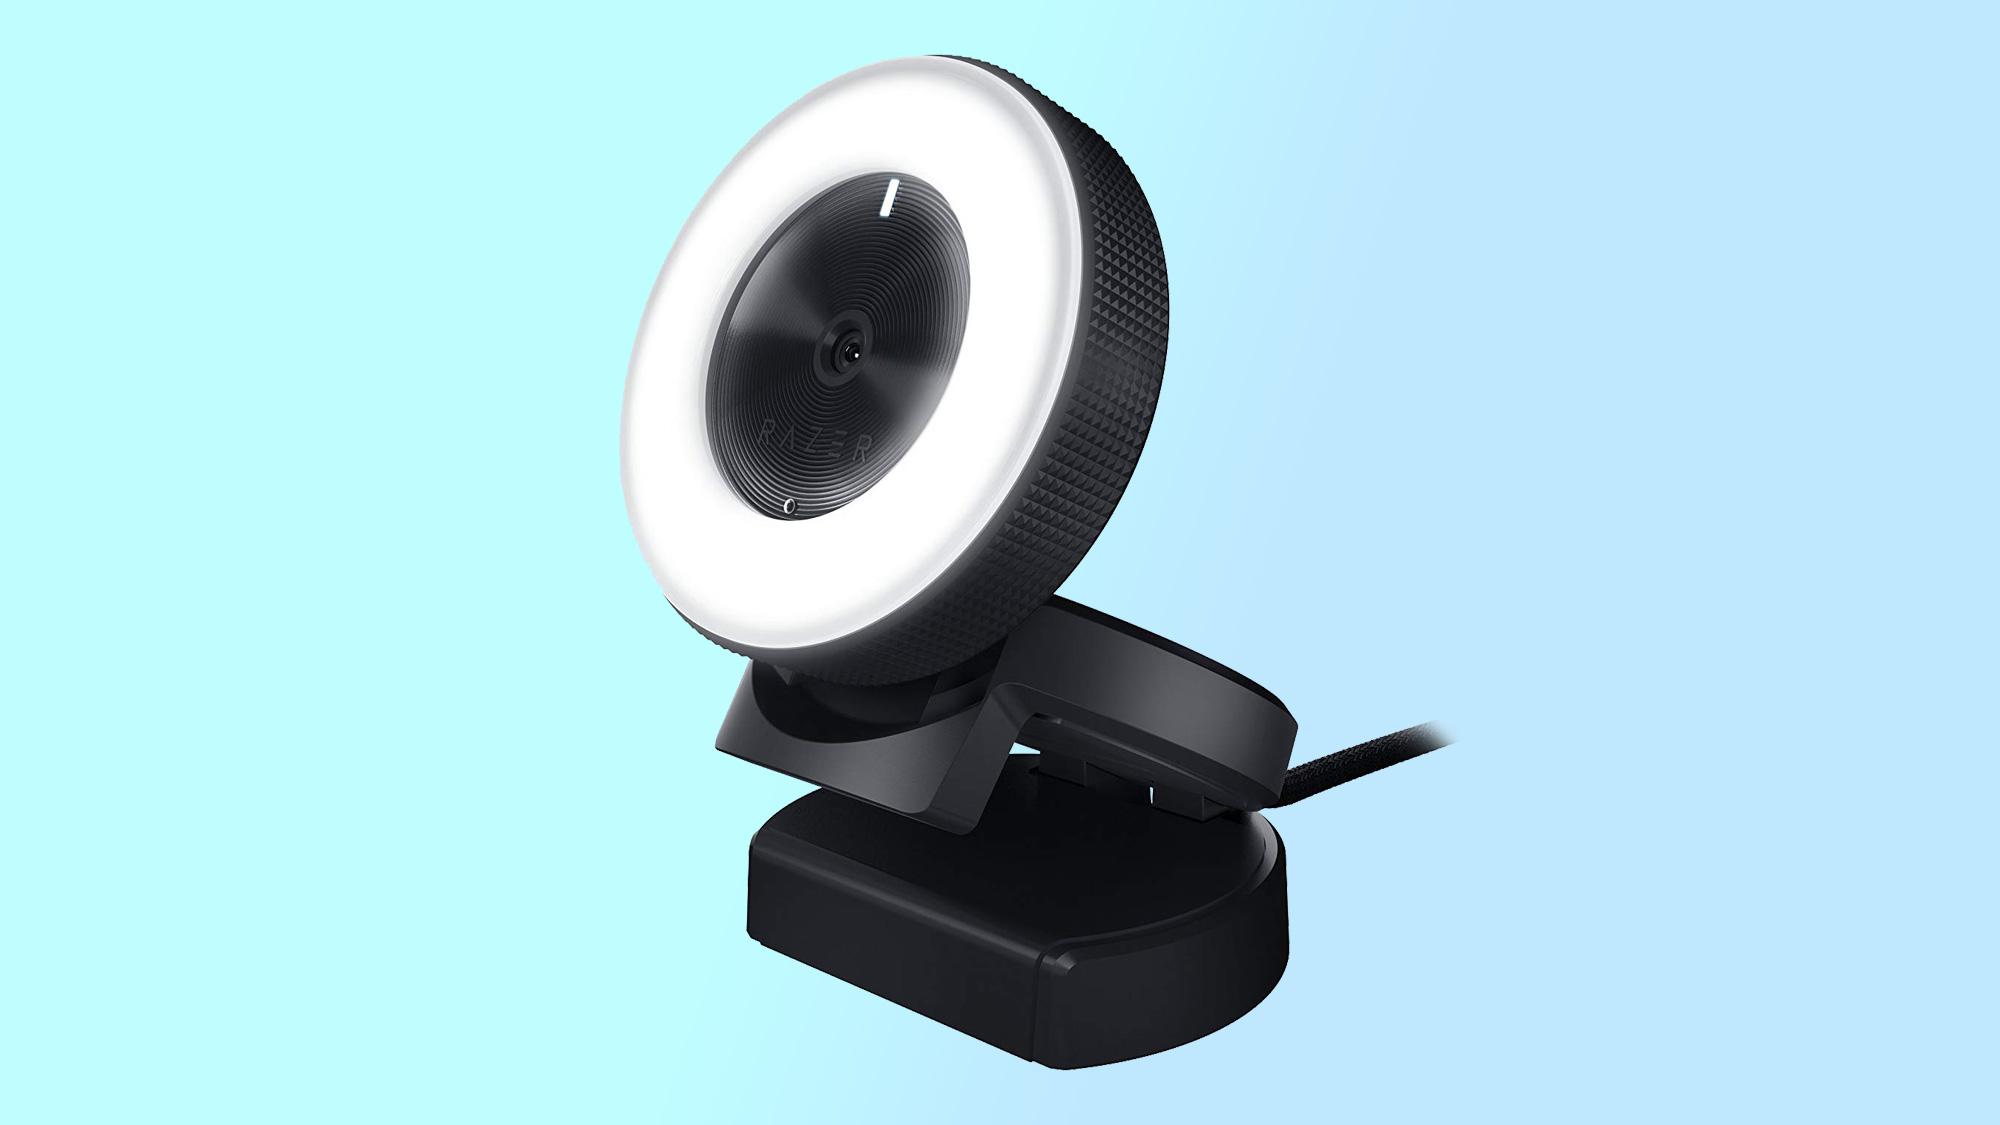 Best webcams: Razer Kiyo